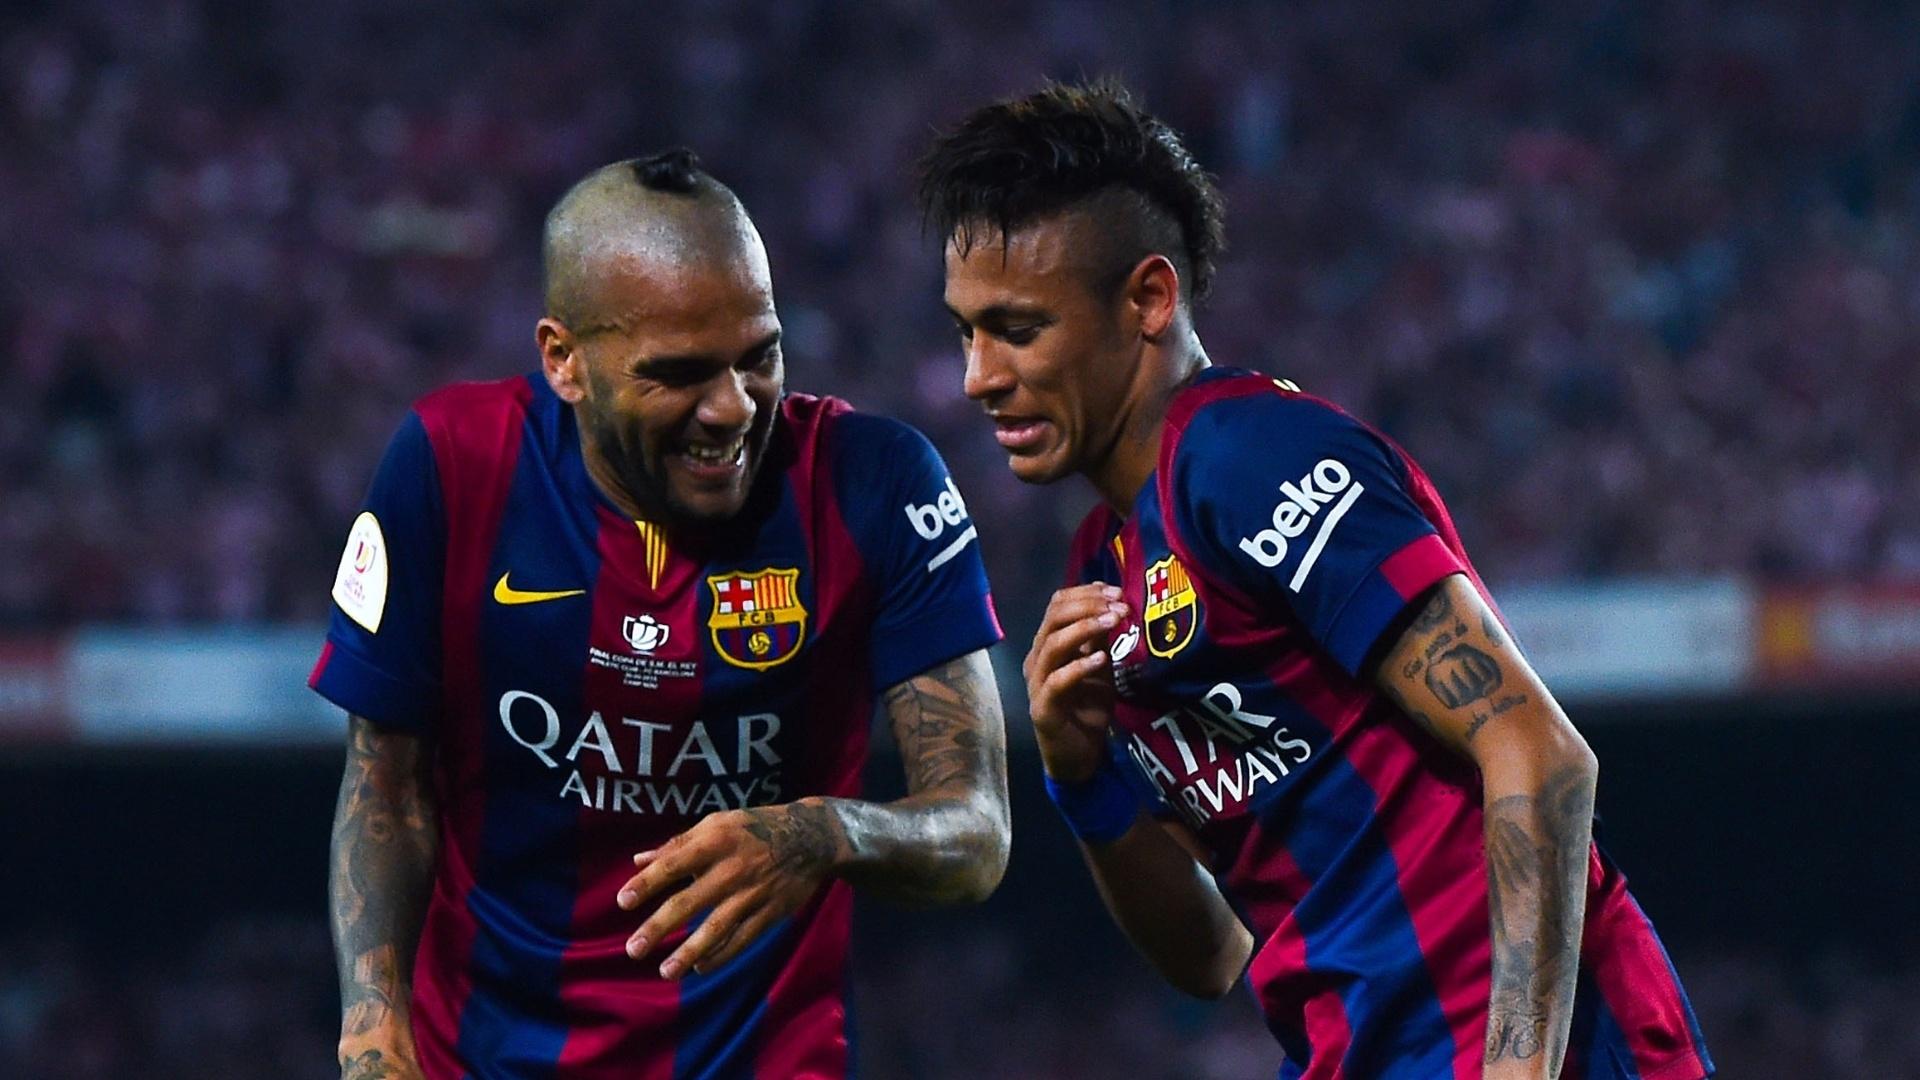 Também dono de penteados ousados, Neymar faz dancinha com Neymar depois de gol do Barcelona